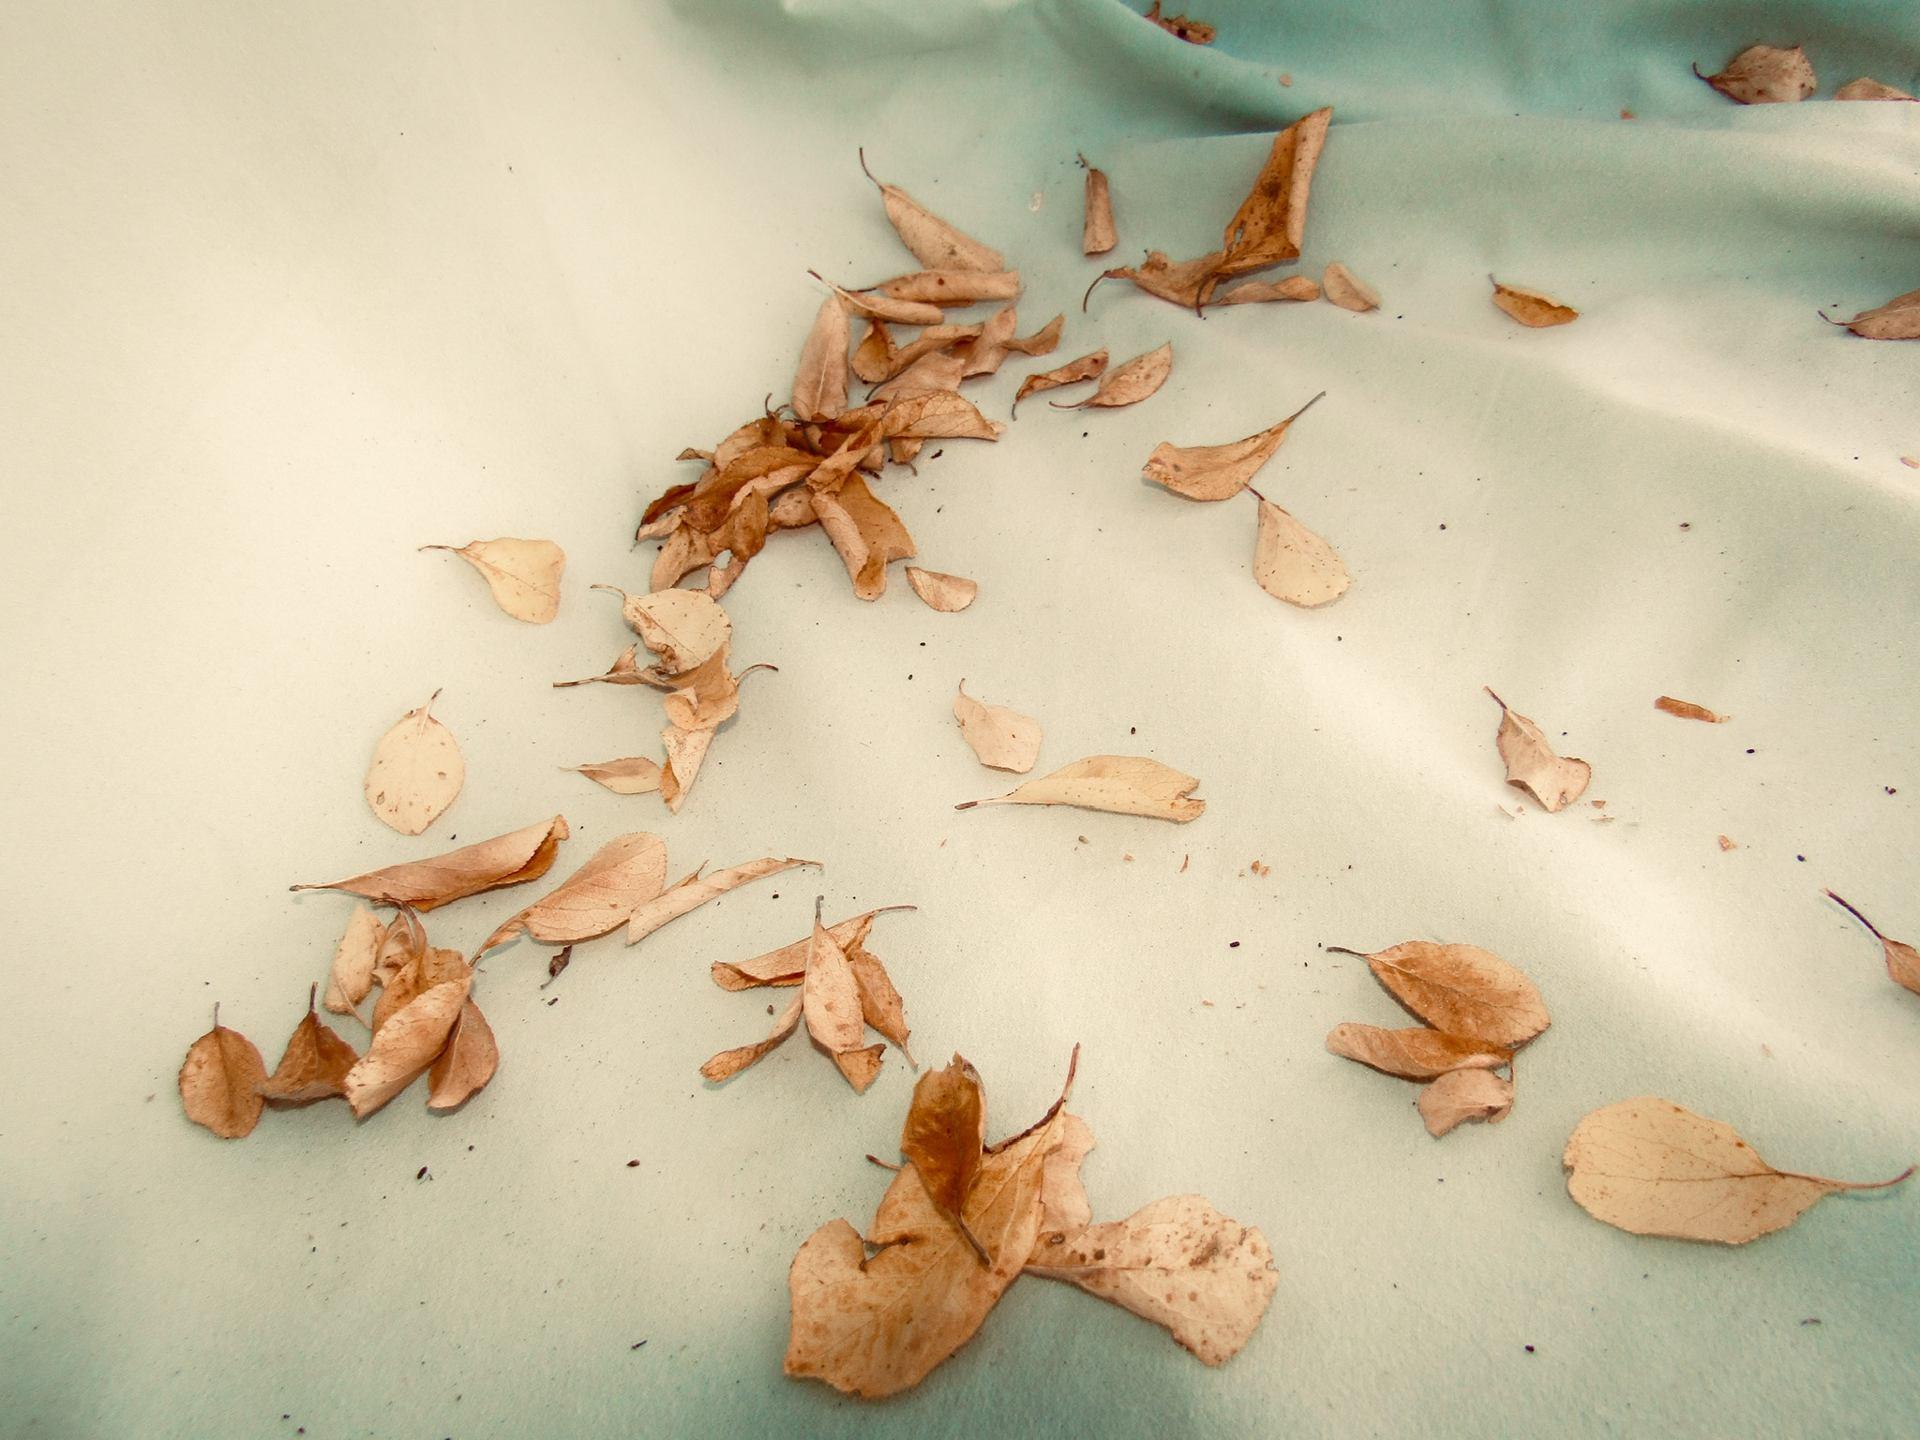 Sur le chemin de l'automne.